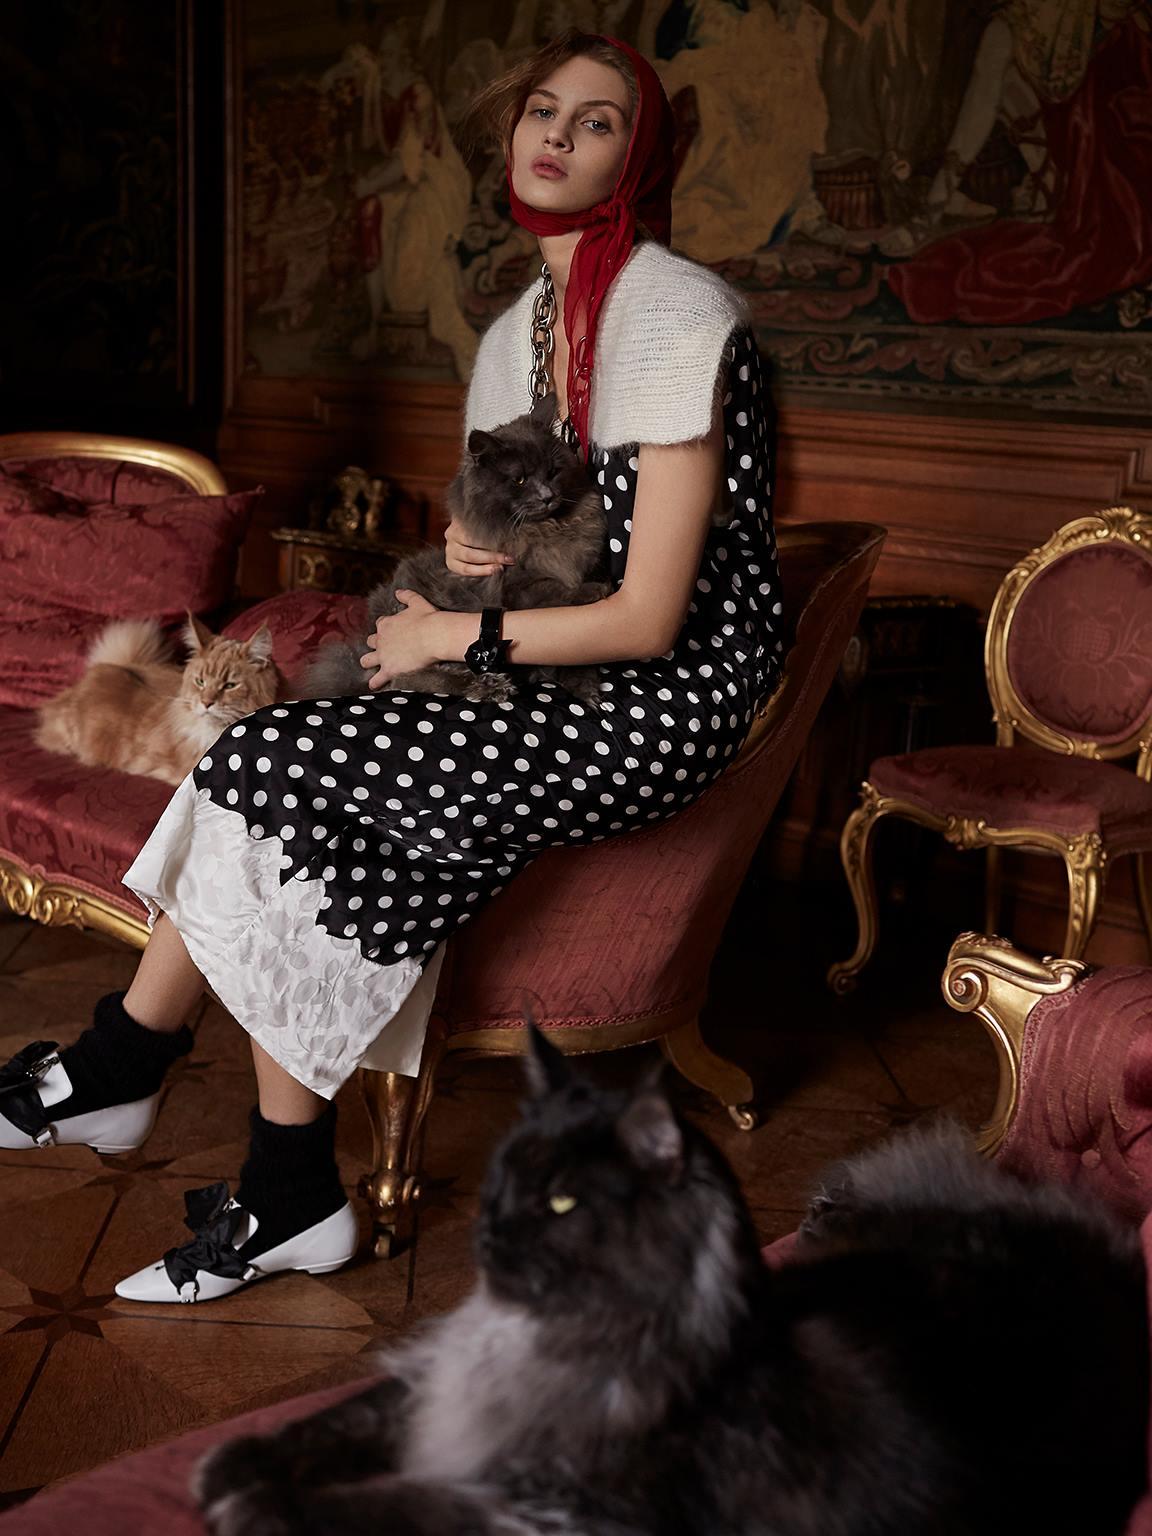 платье из хлопка, кардиган из мохера, шарф из шифона, носки, ожерелье из латуни, браслет, балетки, Miu Miu